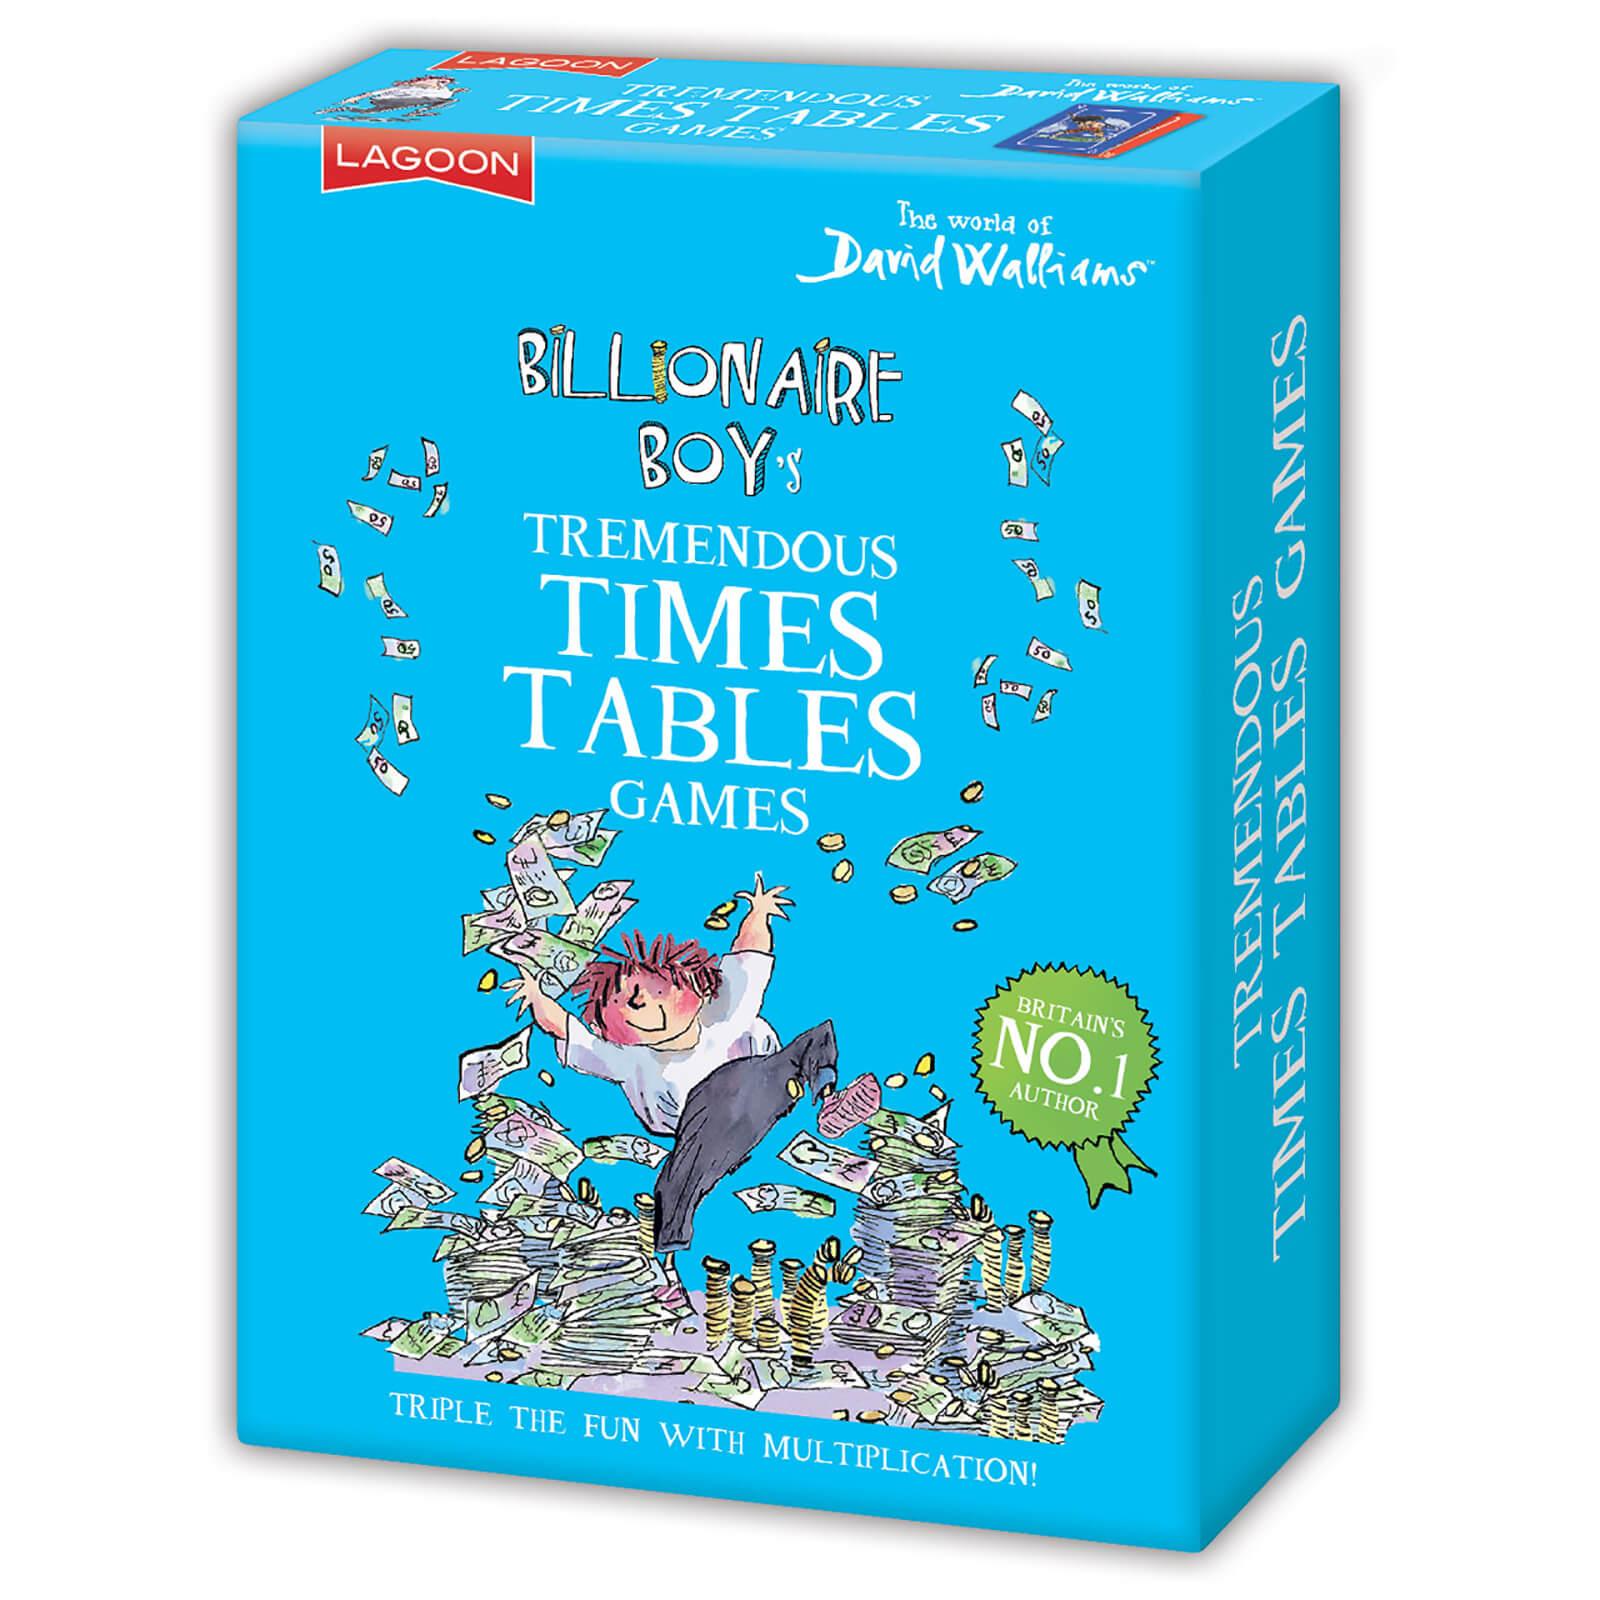 Image of David Walliams Billionaire Boy's Tremendous Times Tables Games